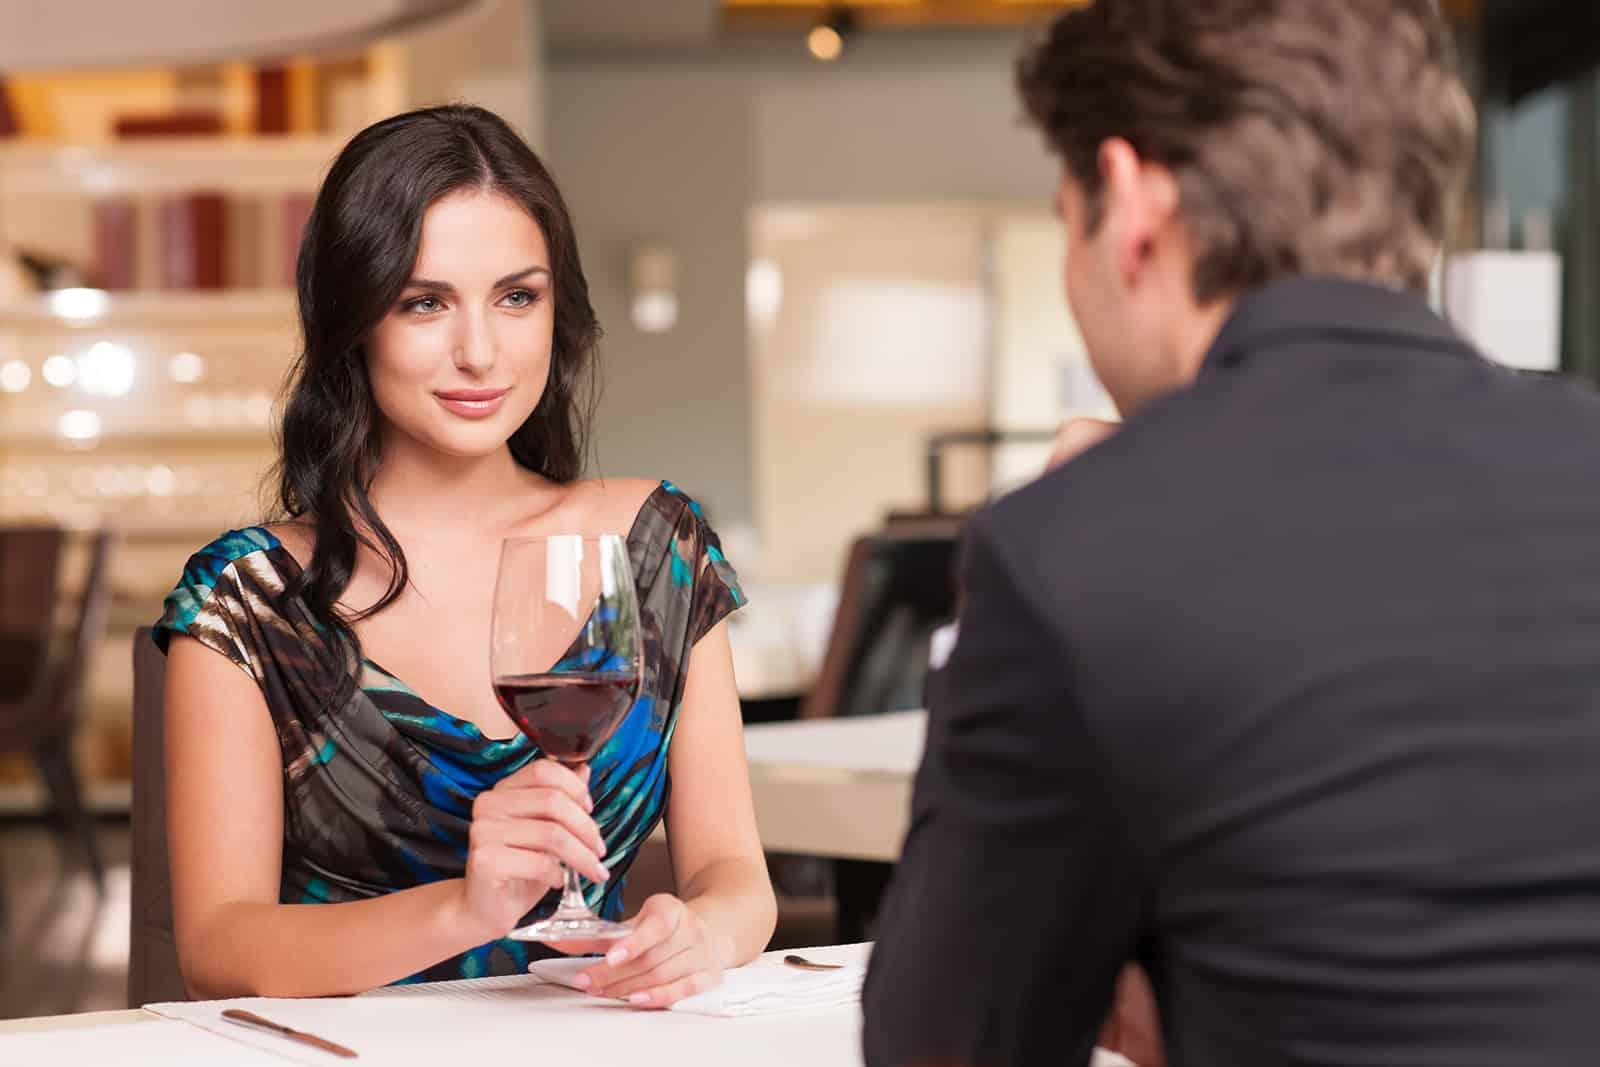 Flirten Ohne Worte: Zeichen Der Körpersprache, Um Zuneigung Zu Erkennen!